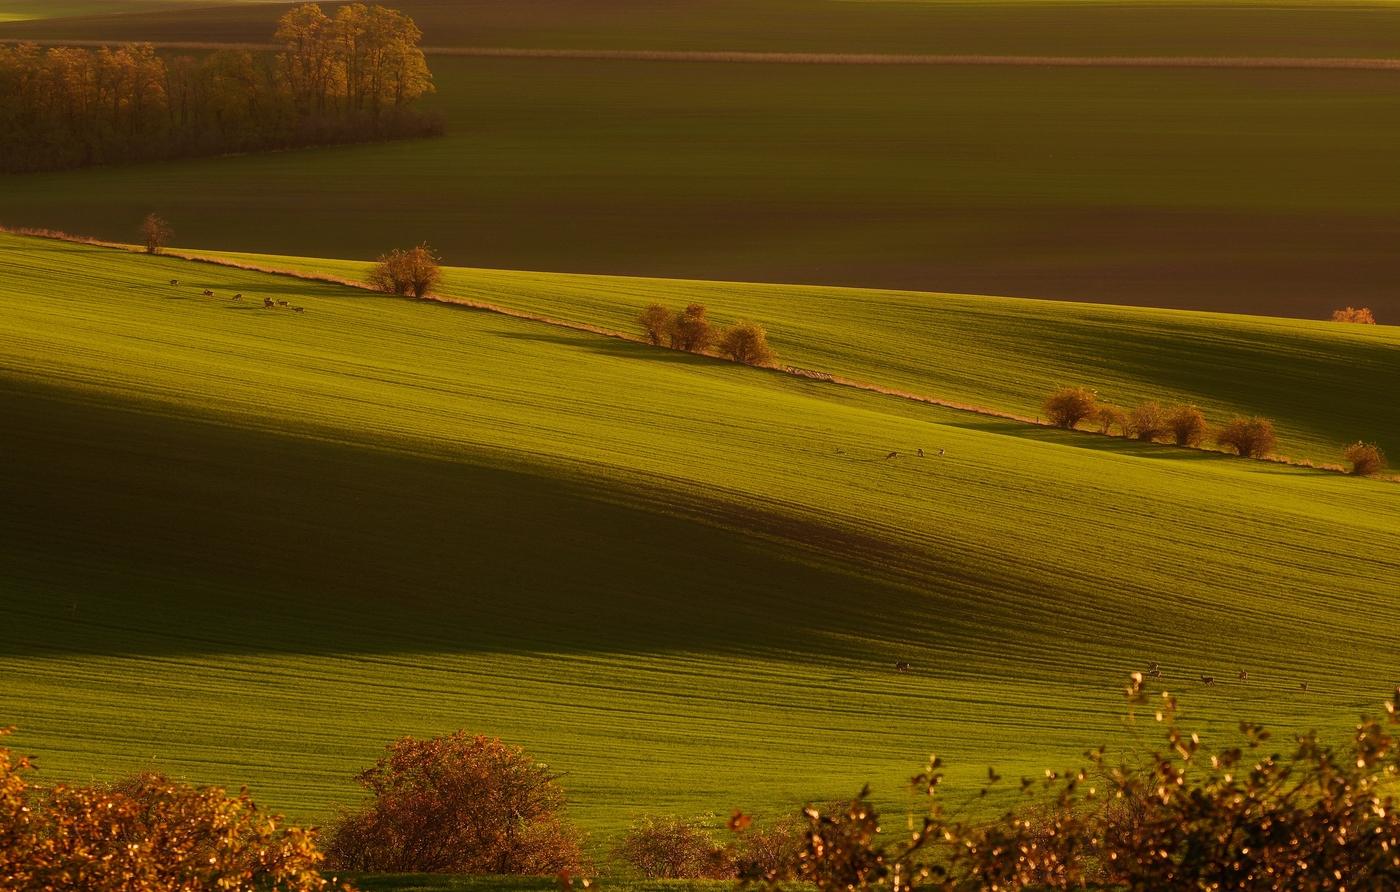 Západ slunce na neskutečném místě v naší krajině